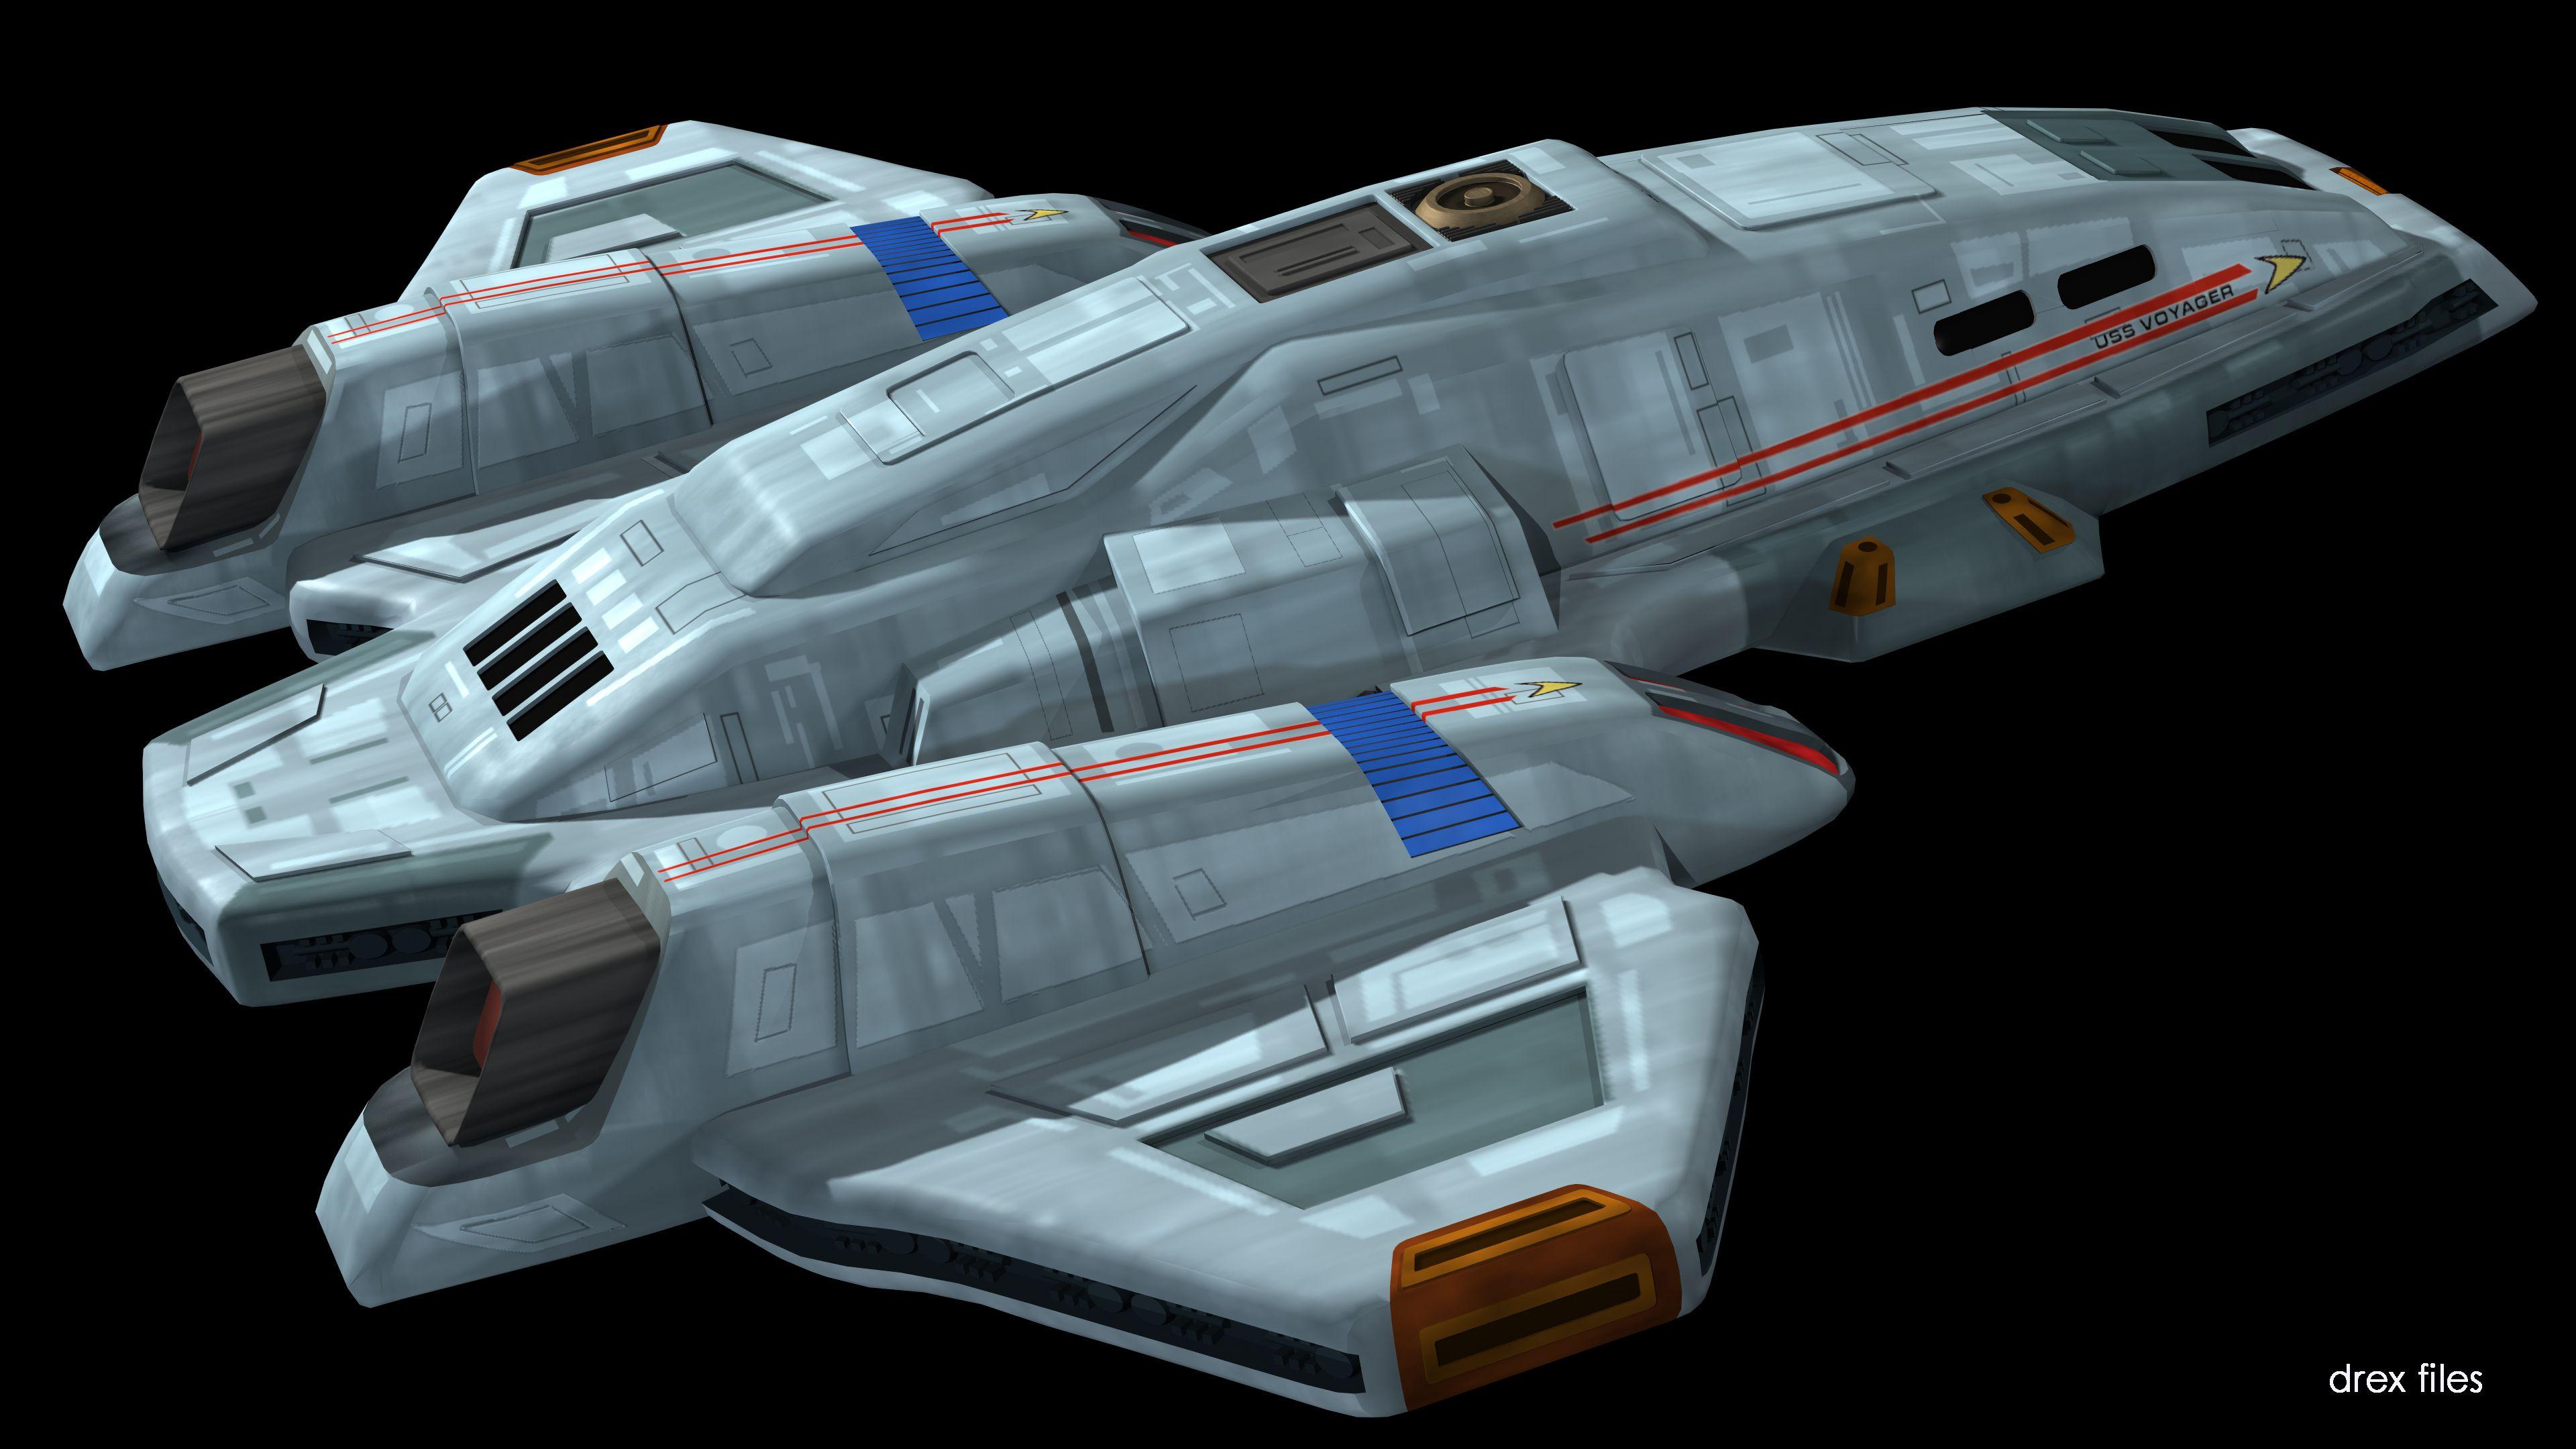 sci fi space shuttle craft - photo #13